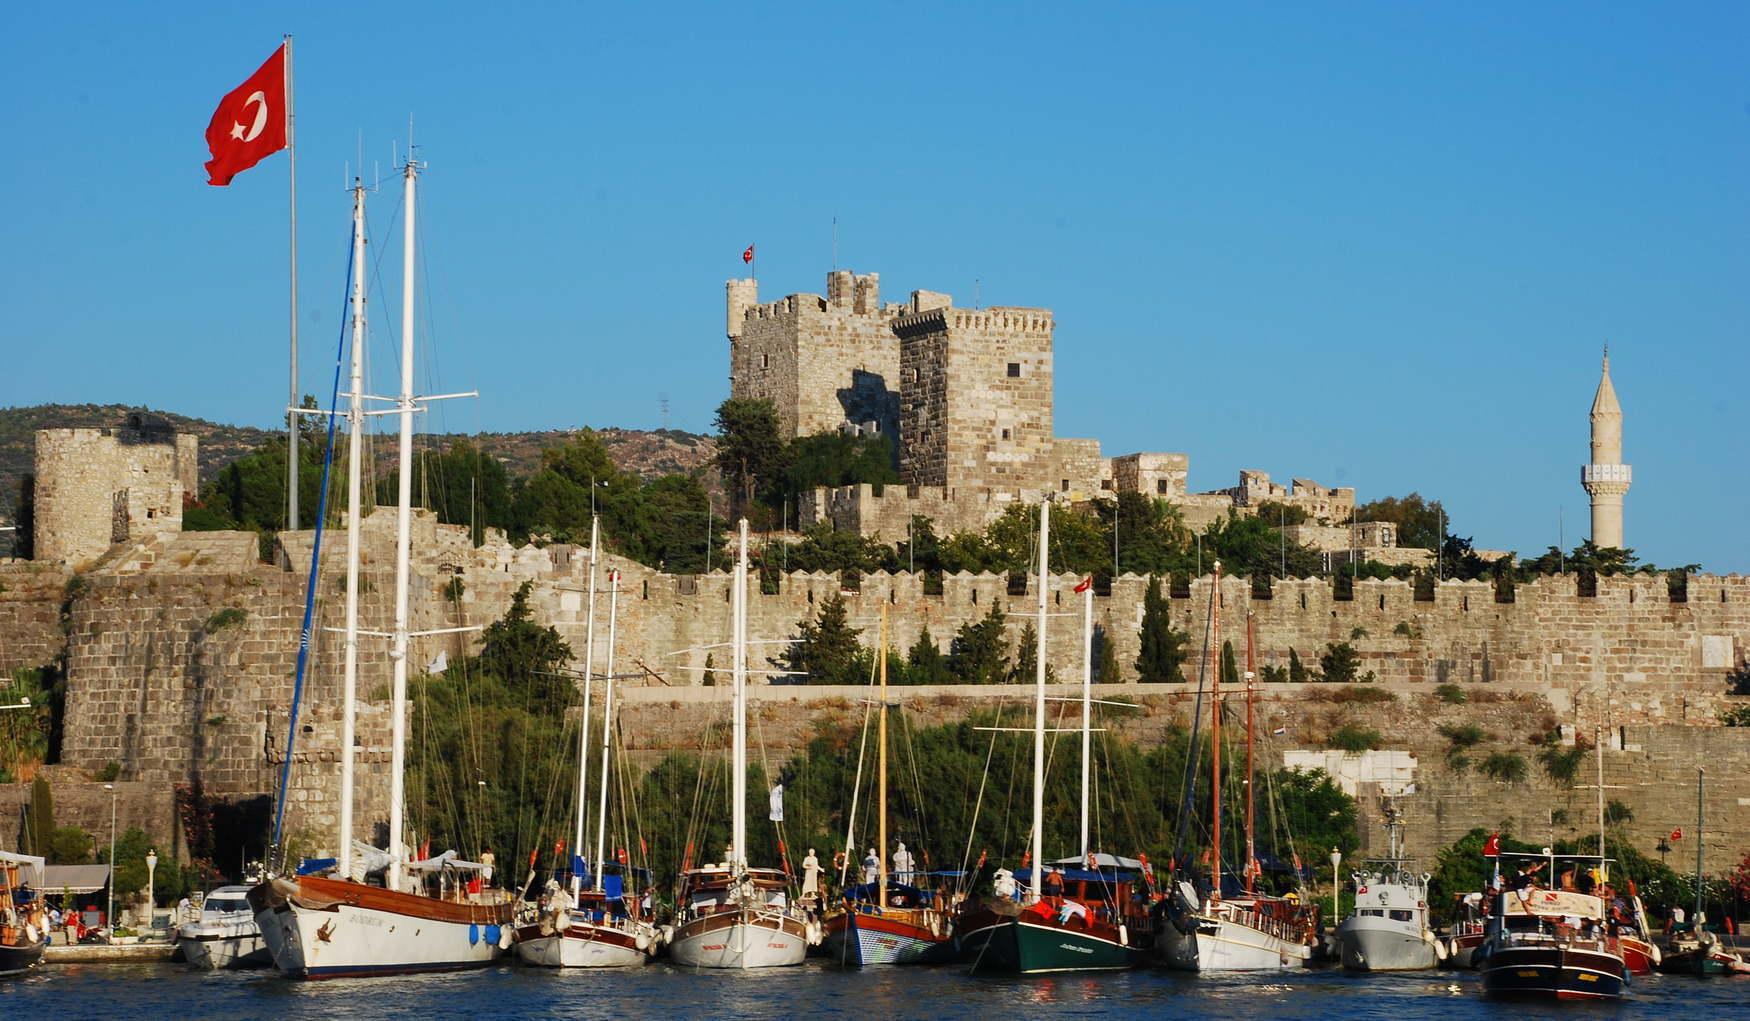 Замок Святого Петра є символом Бодрума, тому він часто зображений на магнітах та інших місцевих сувенірах